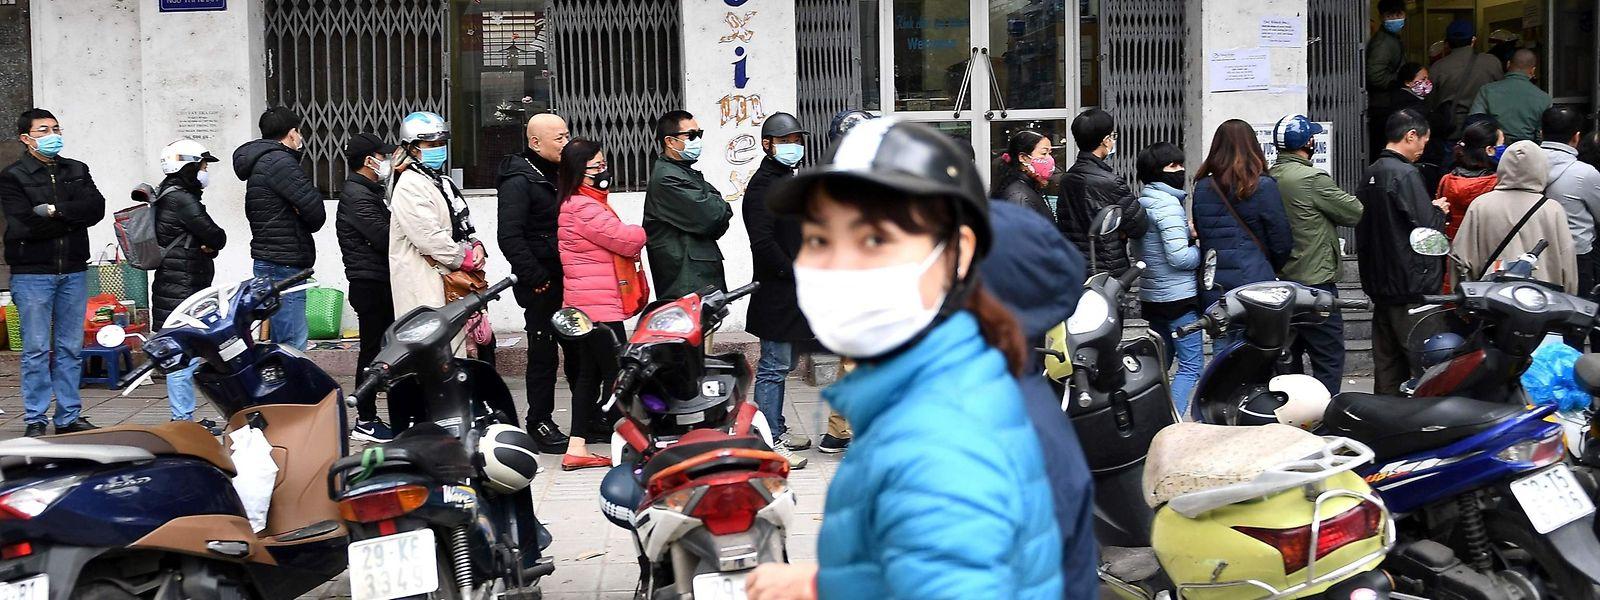 La contamination semble marquer le pas en Chine.